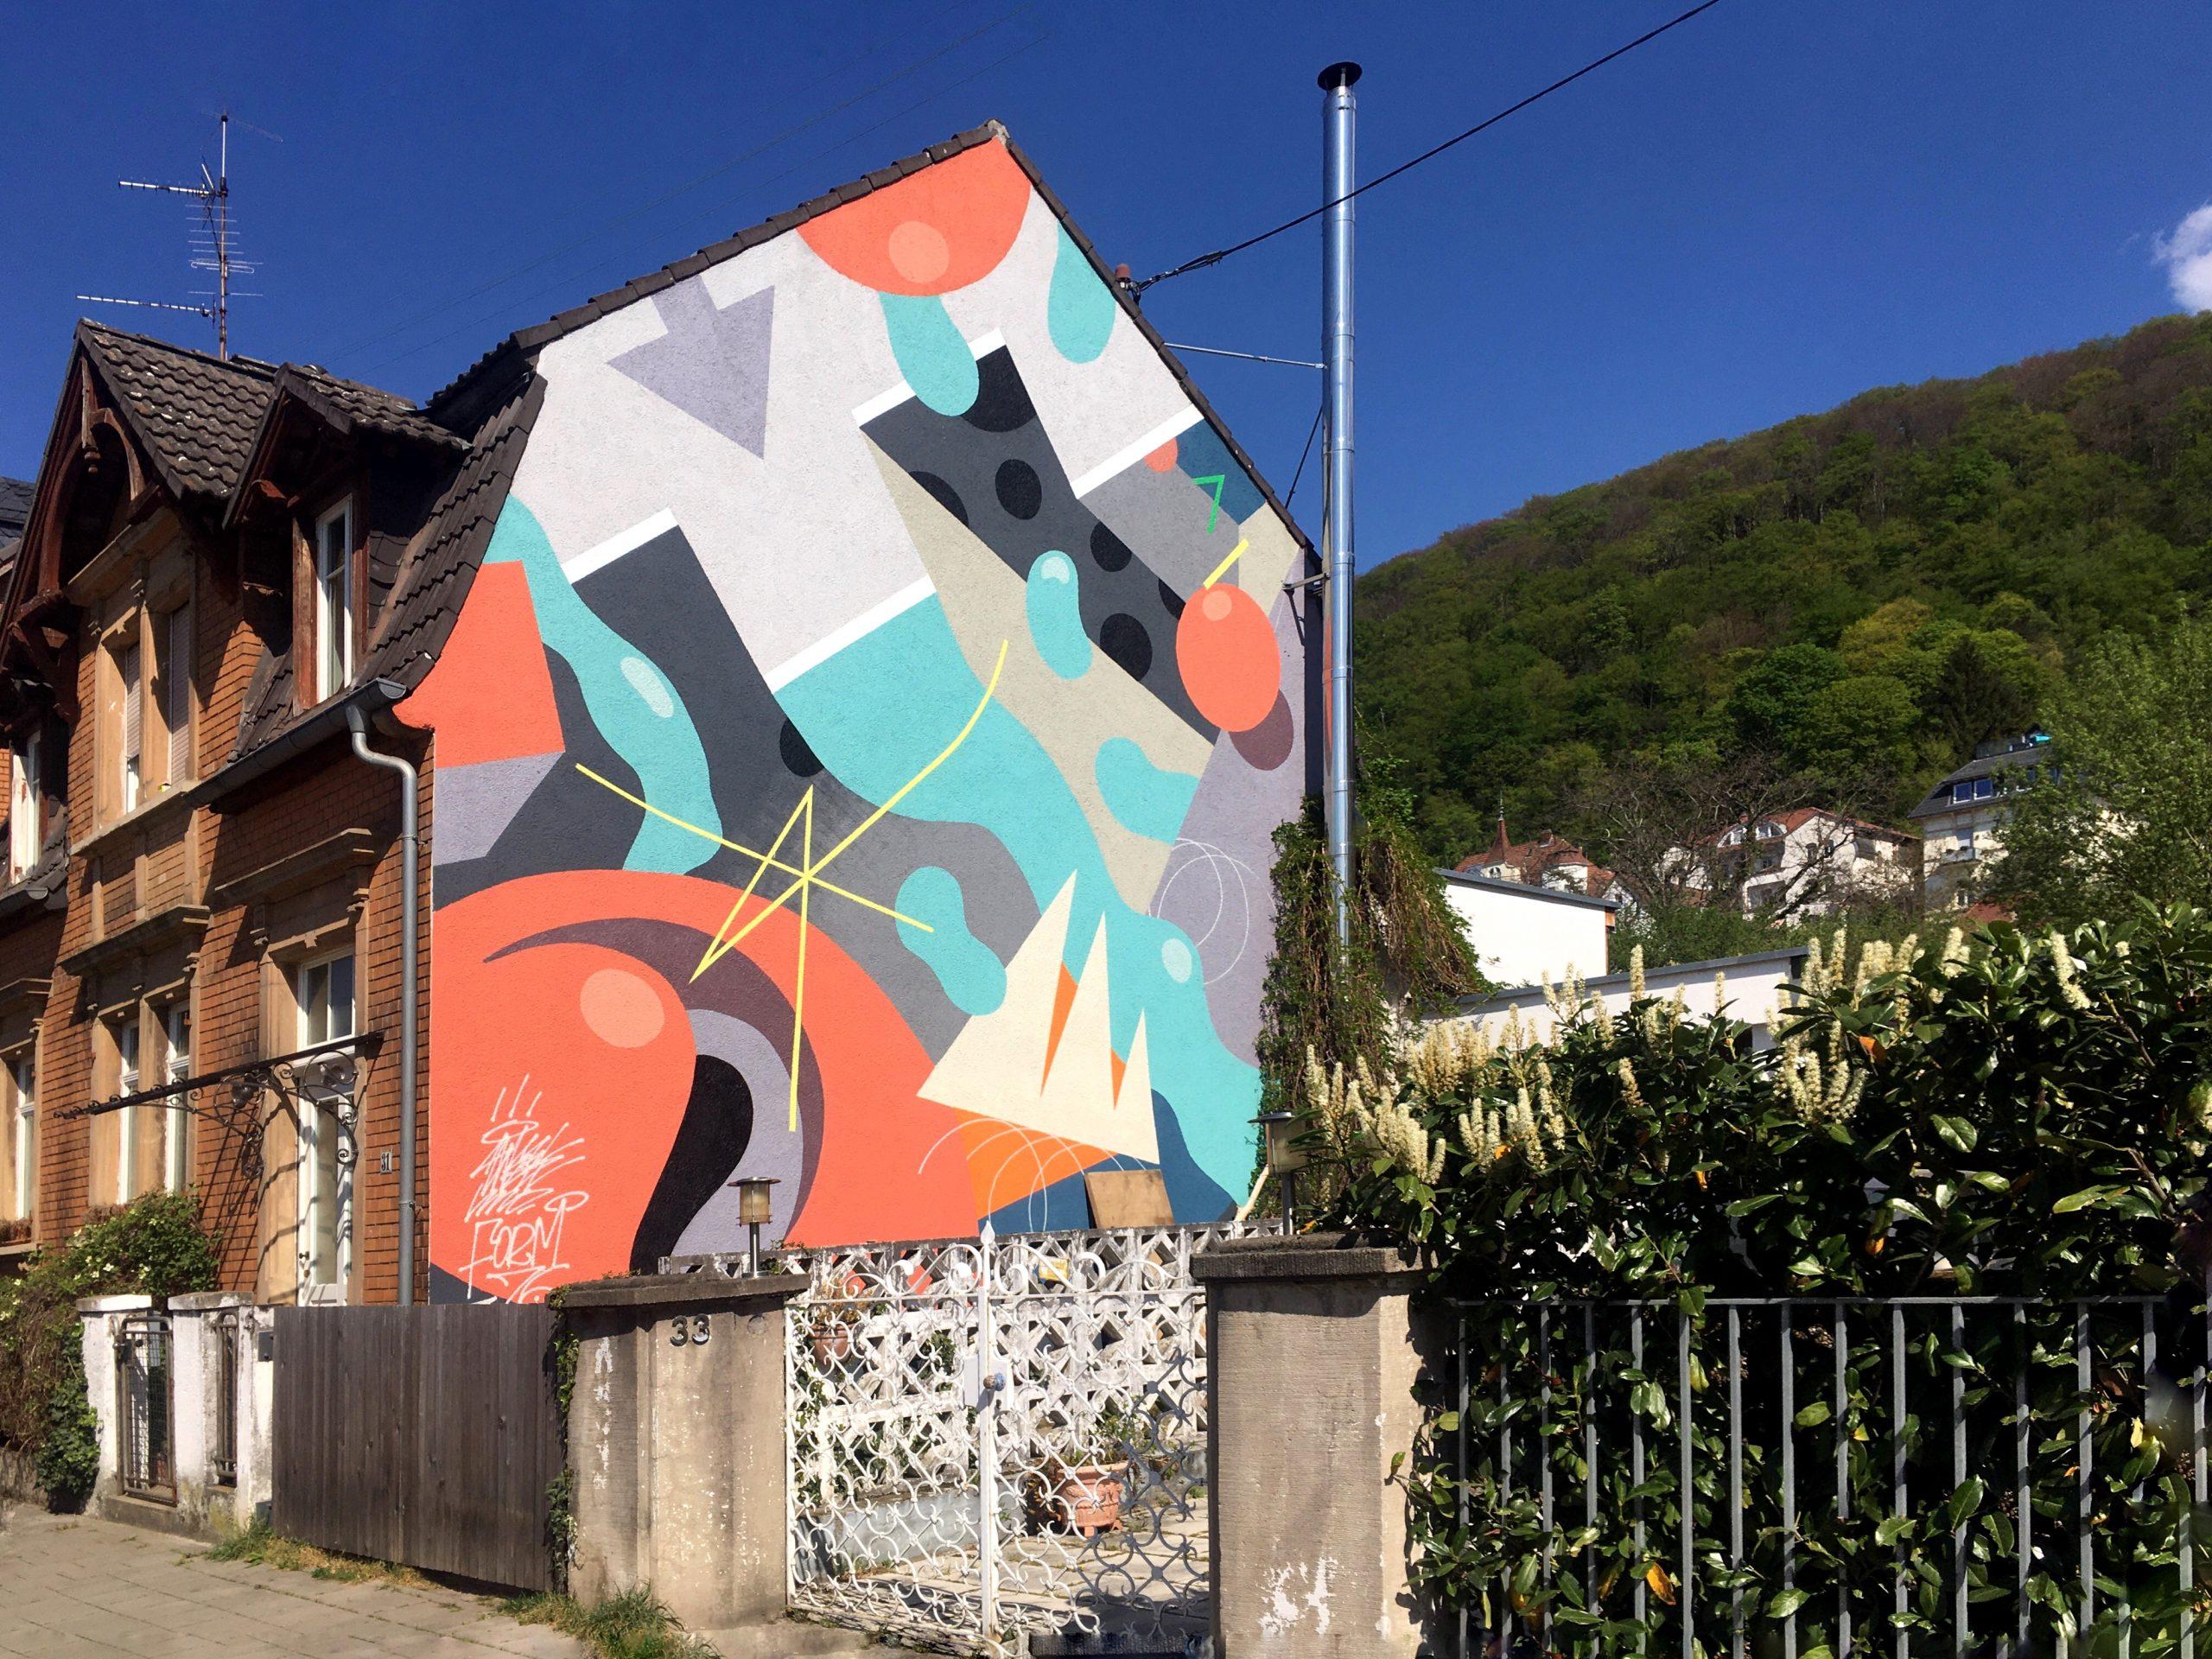 SWEETUNO_FORMULA76_Karlsruher_Strasse_31